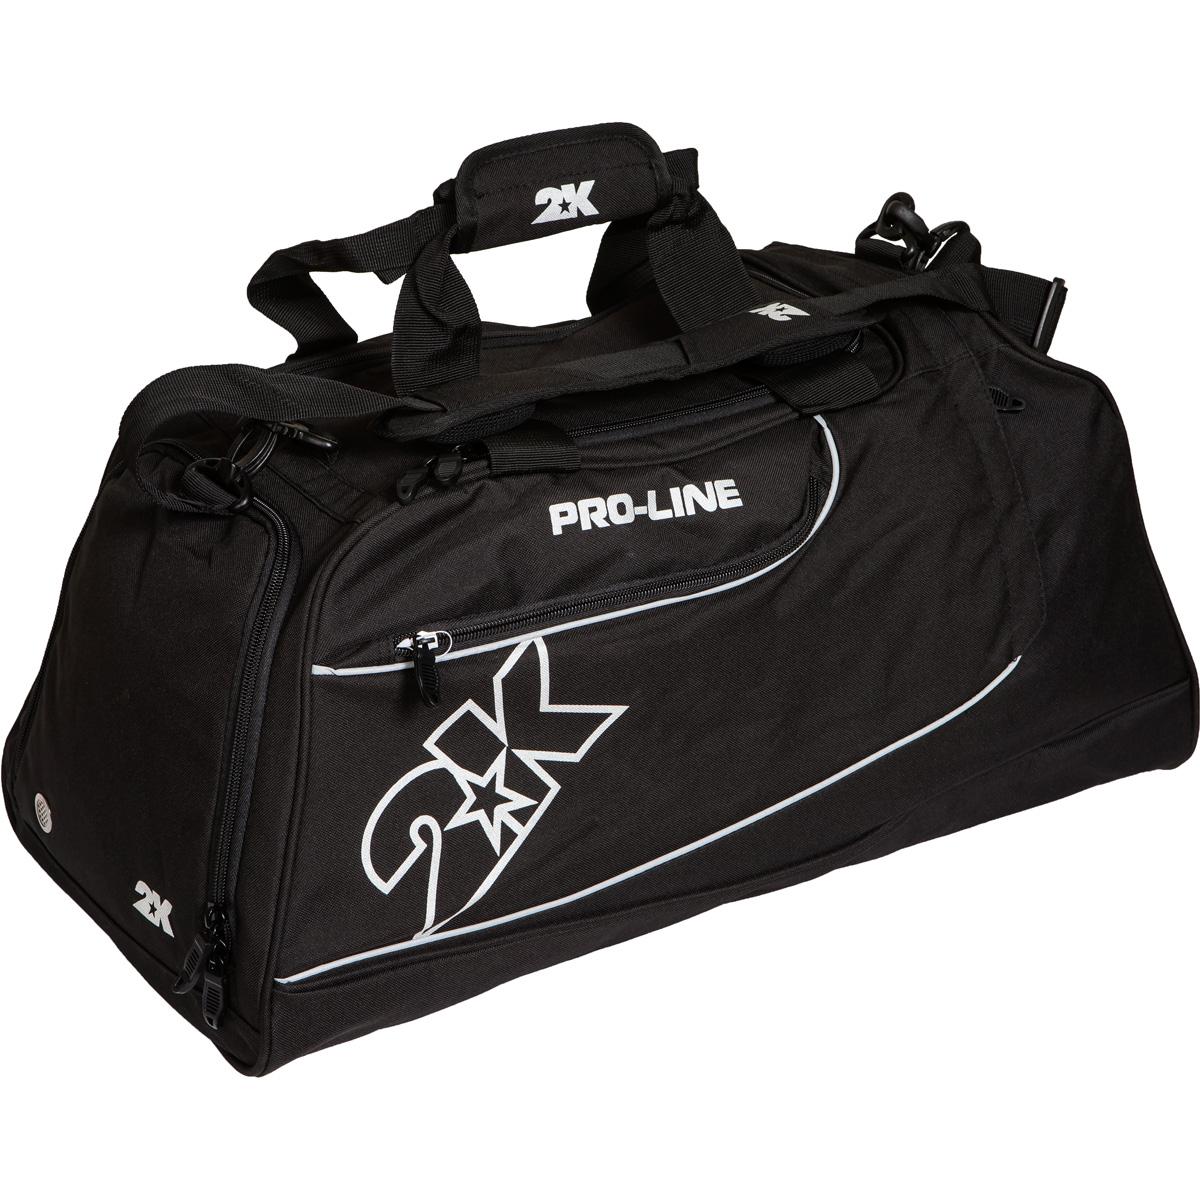 Сумка спортивная 2K Sport Manado, цвет: черный. 128121128121-blackМожно переносить на руке и на плече. Размер: 60х30х33 см. (ДхШхВ). Отстегивающийся ремень.